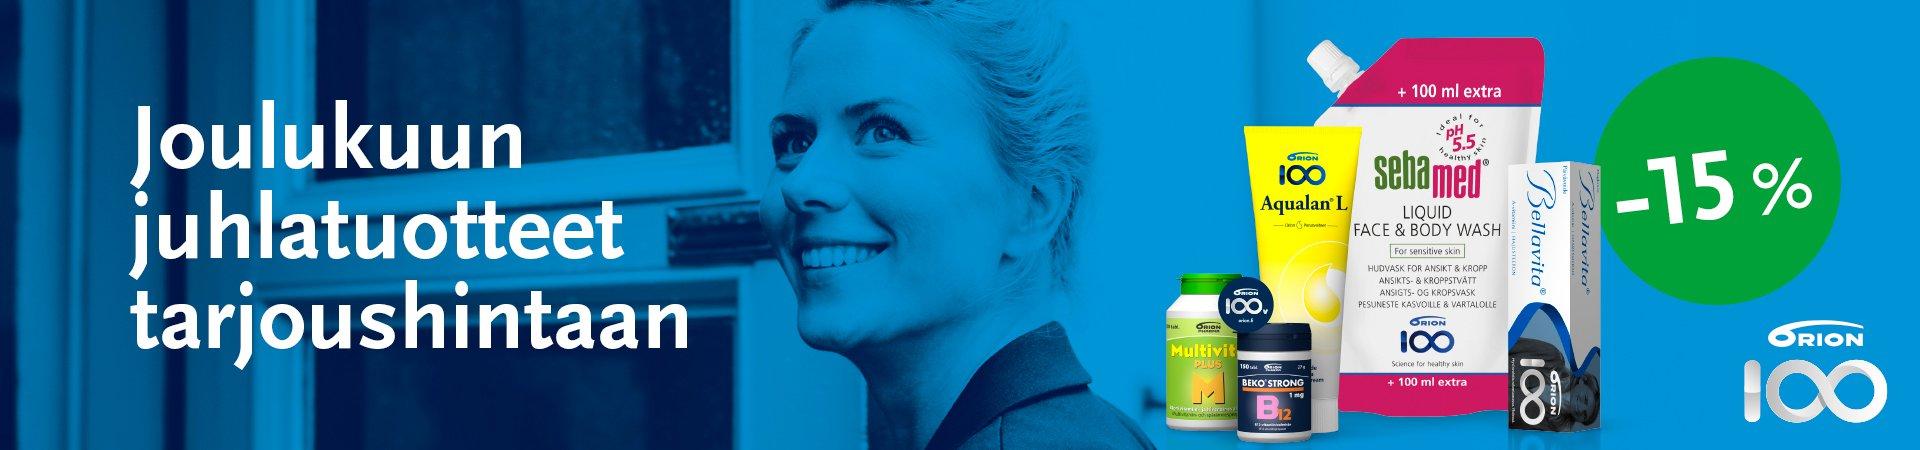 Orion keräilykampanjan palkinto ilmainen apteekki tuotesetti